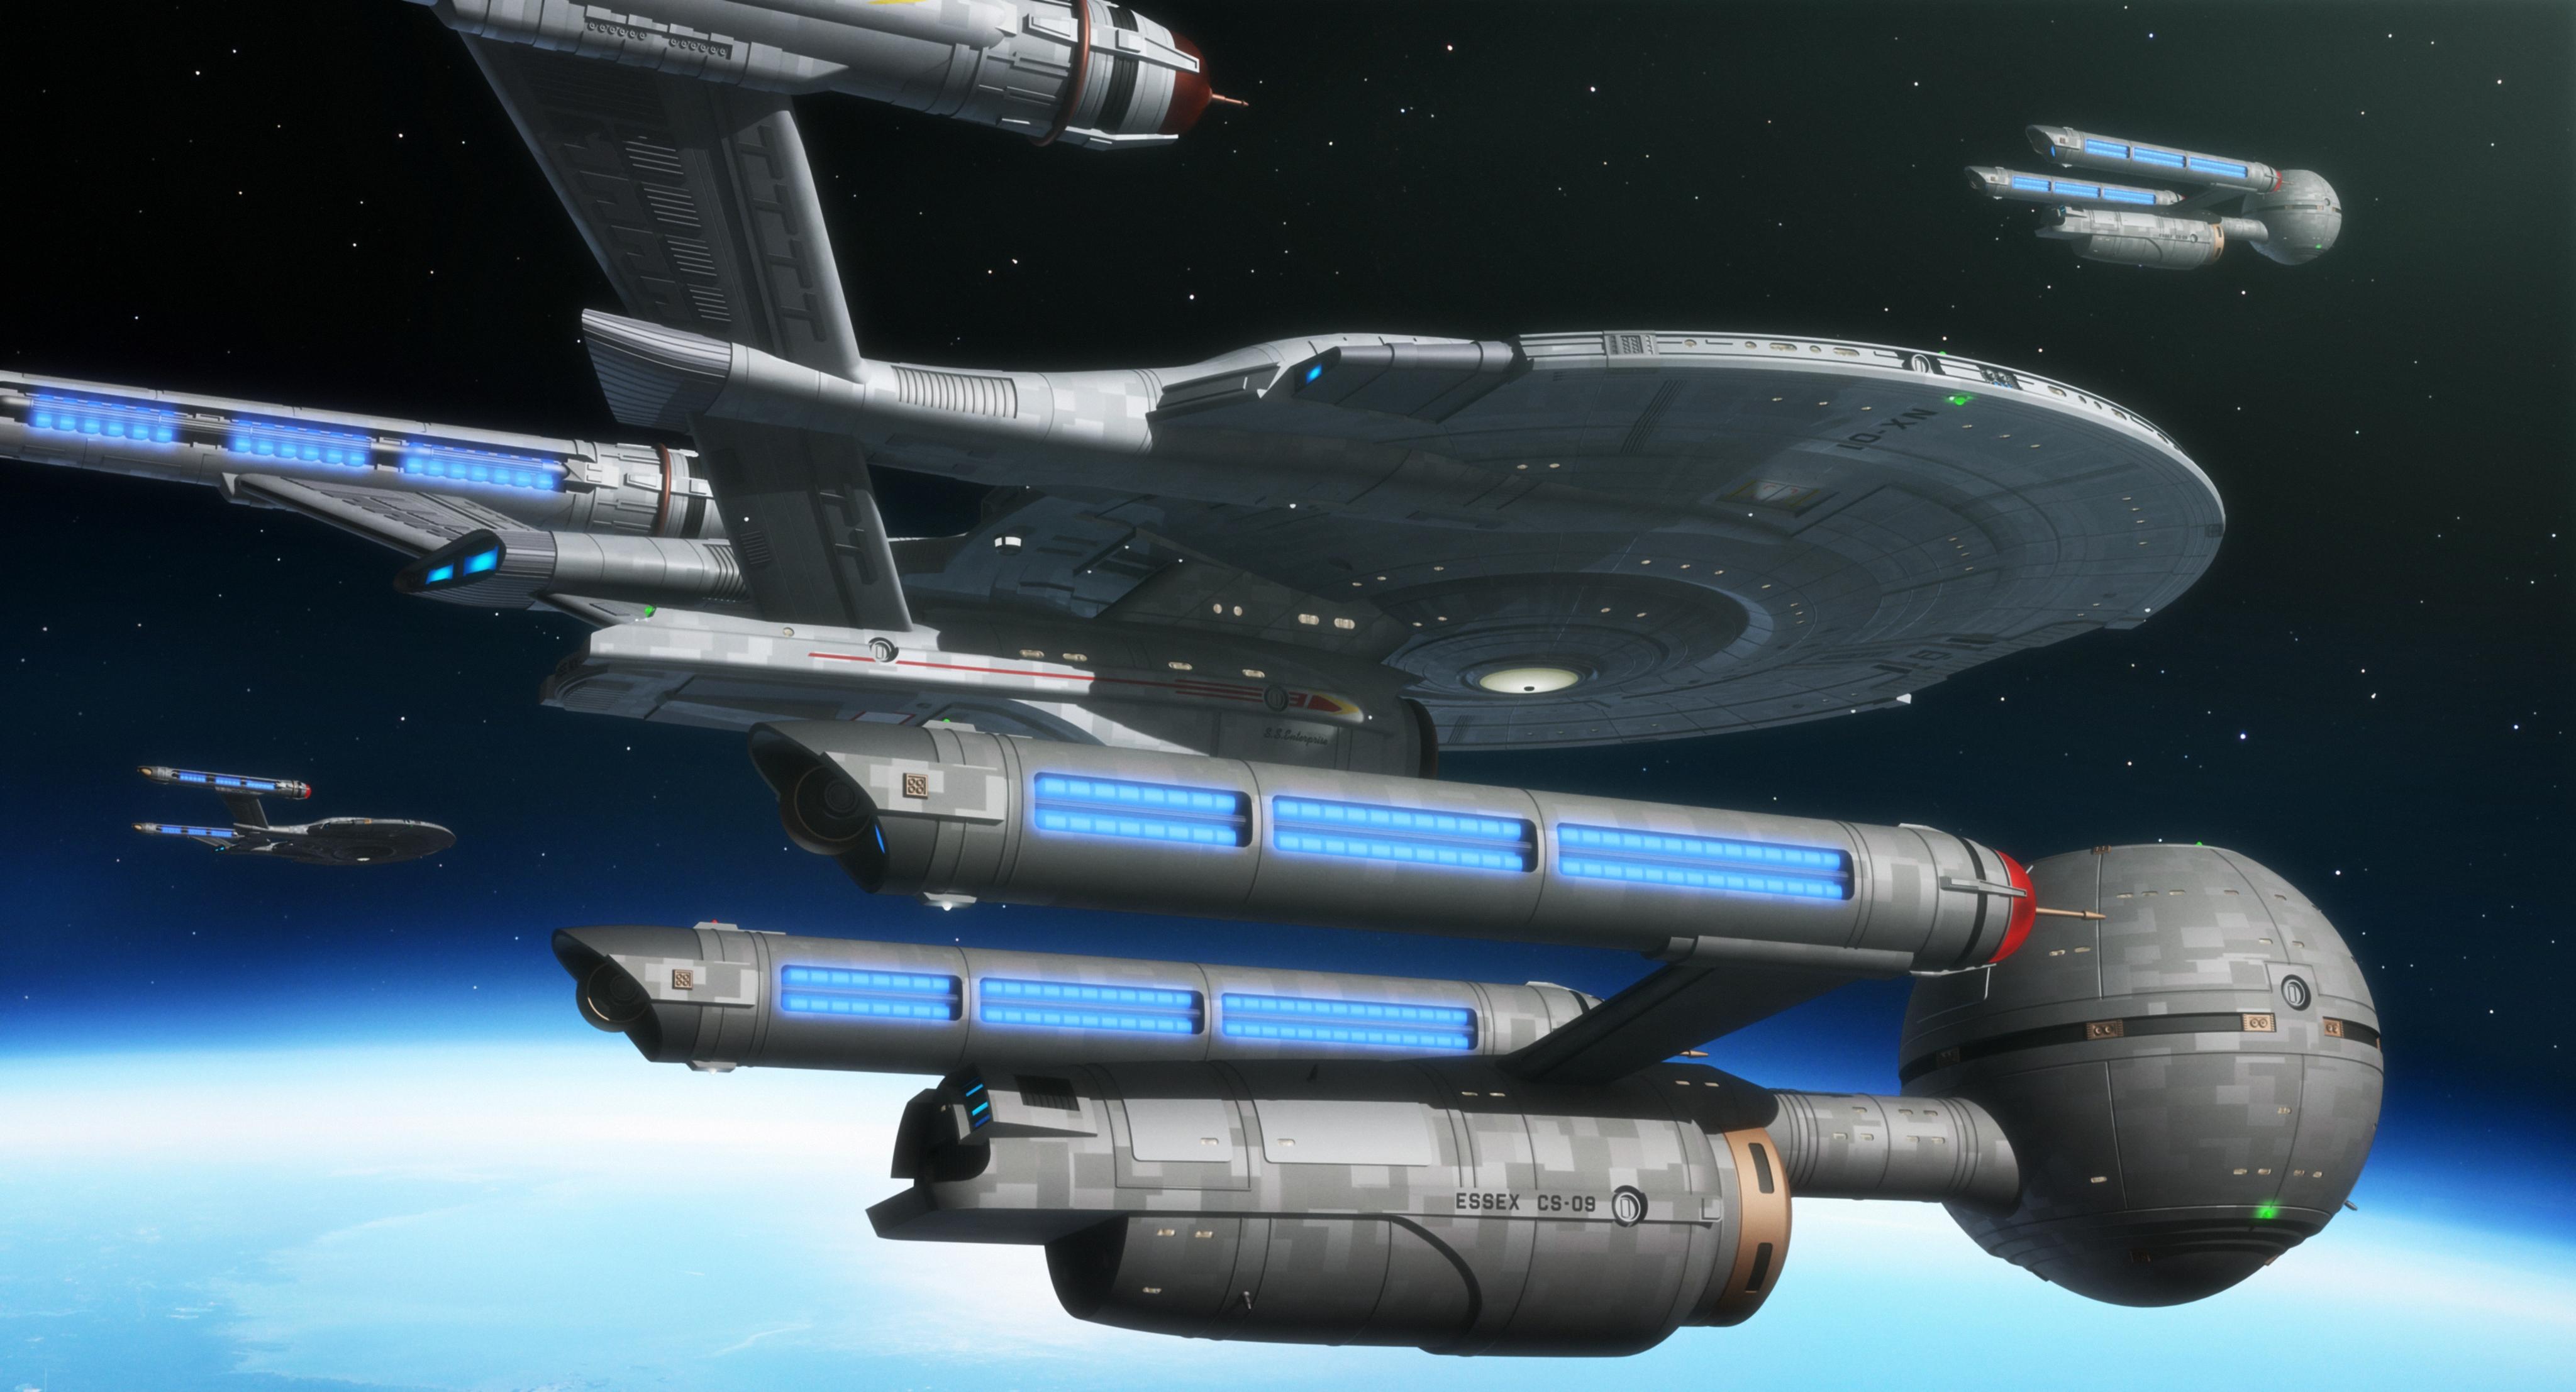 Battlestar Galactica season 2 episodes 6 &amp- 7 review: Home | Den of ...